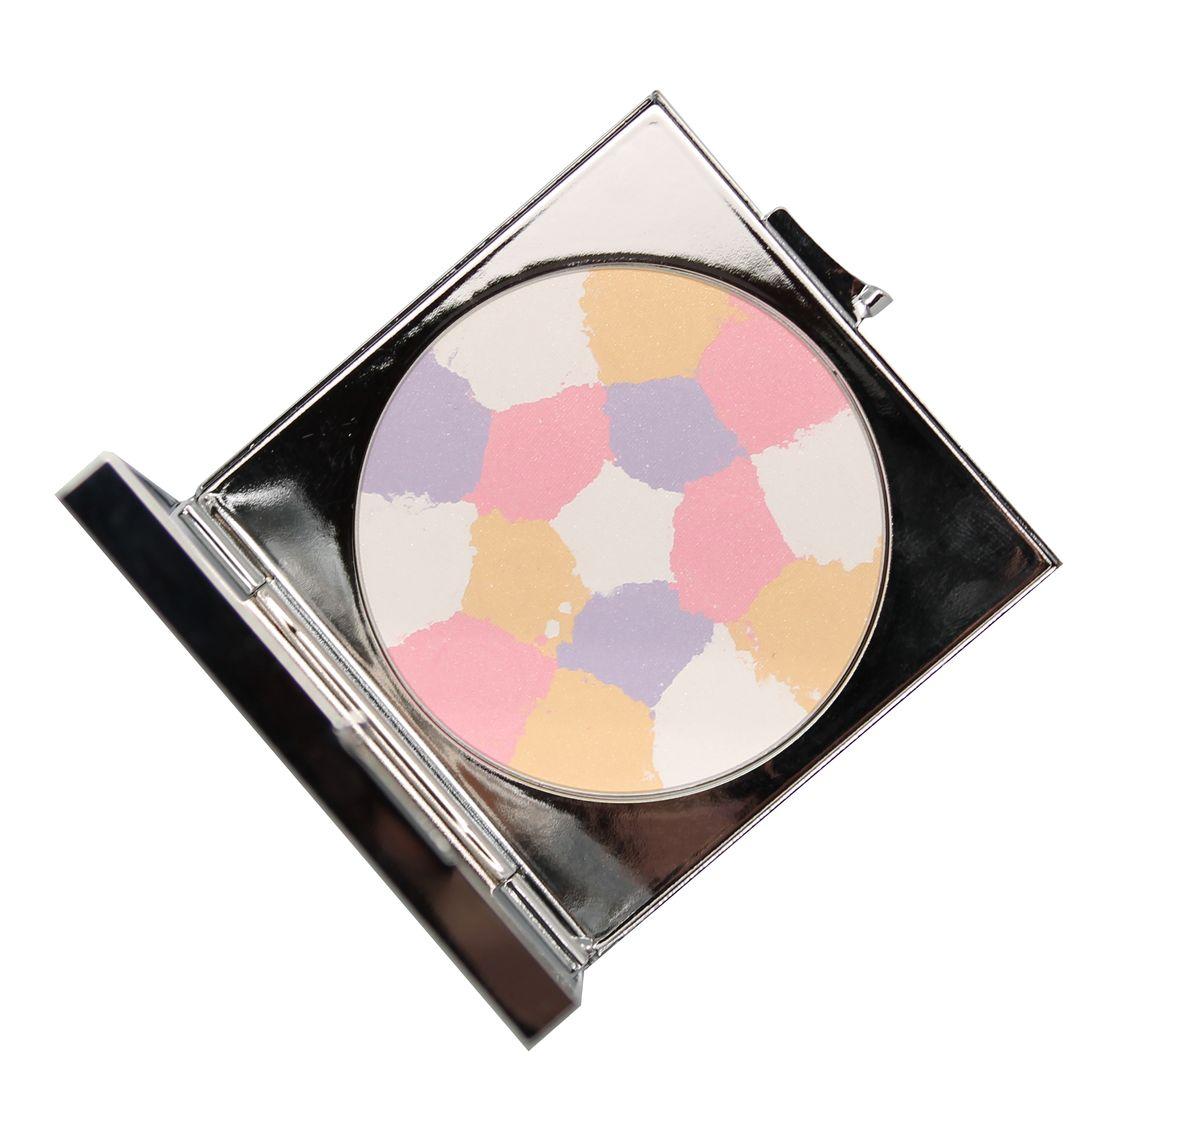 YZ Румяна Muiti Colour, тон 23, 10 г3823Cмешение четырех оттенков позволяет получить разные эффекты от макияжа. Румяна состоят из матовых и перламутровых оттенков с корректирующими и светоусиливающими свойствами, придают сияние коже любого типа: розовый освежает цвет лица, сиреневый нейтрализует любые несовершенства кожи желтого и коричневого оттенков: веснушки, пигментные и родимые пятна. Белый придает яркость, лиловый улавливает свет, золотистый и перламутровый придают коже